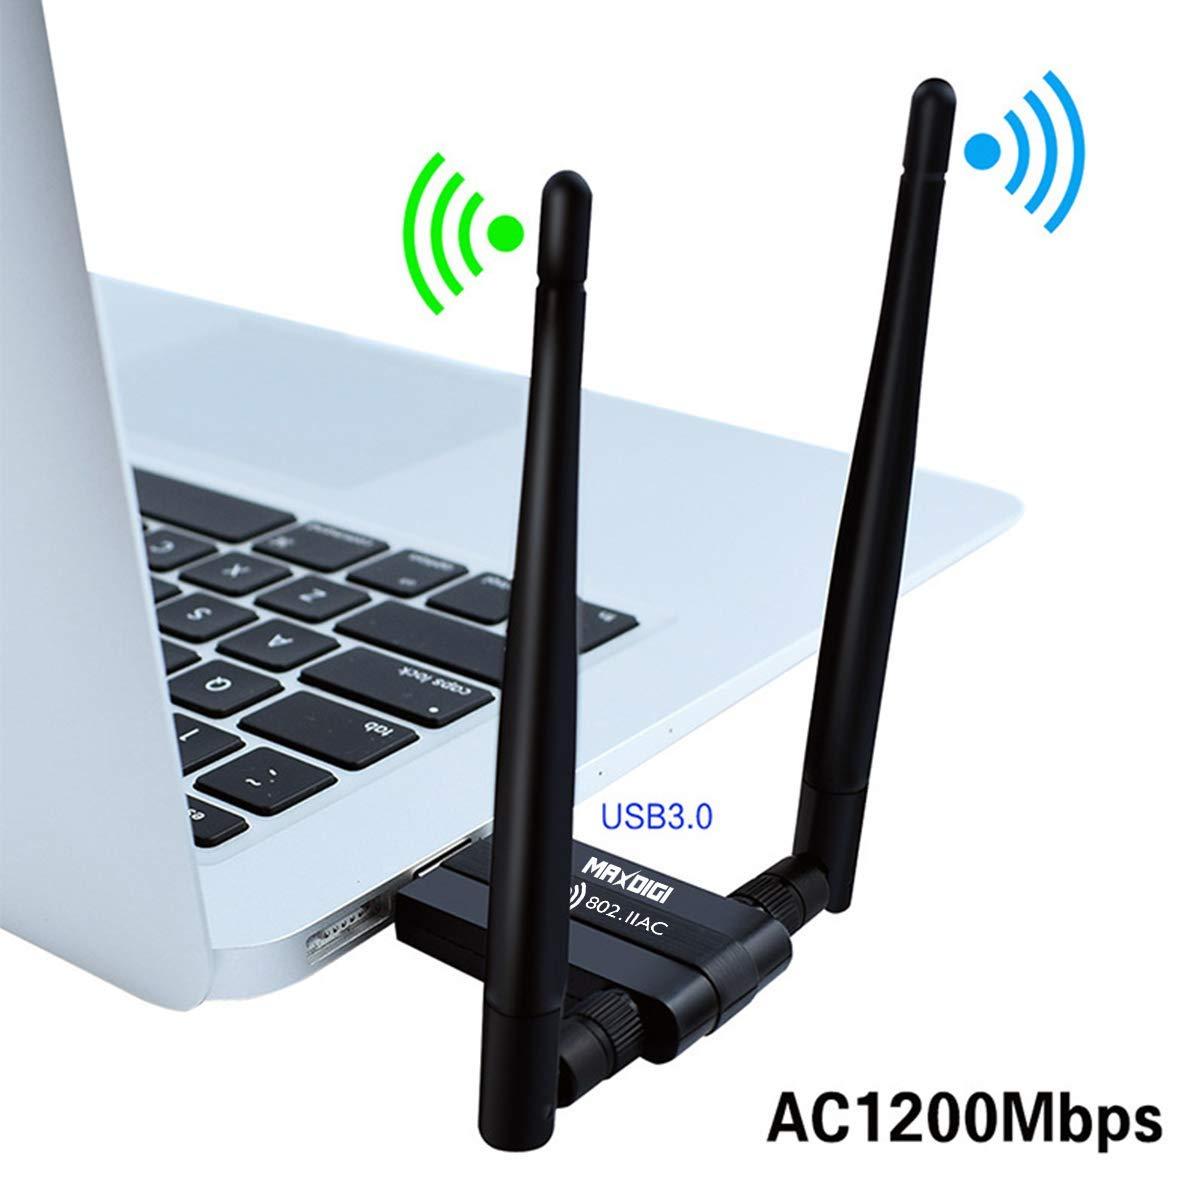 Mac OS Linux2.6X Adaptador inal/ámbrico USB AC1200 Mbps USB WiFi adaptador de red inal/ámbrica para PC//escritorio//port/átil//tableta 2.4G//5G 5dBi Dual Antena compatible con Windows 10//8 .1//7//Vista//XP